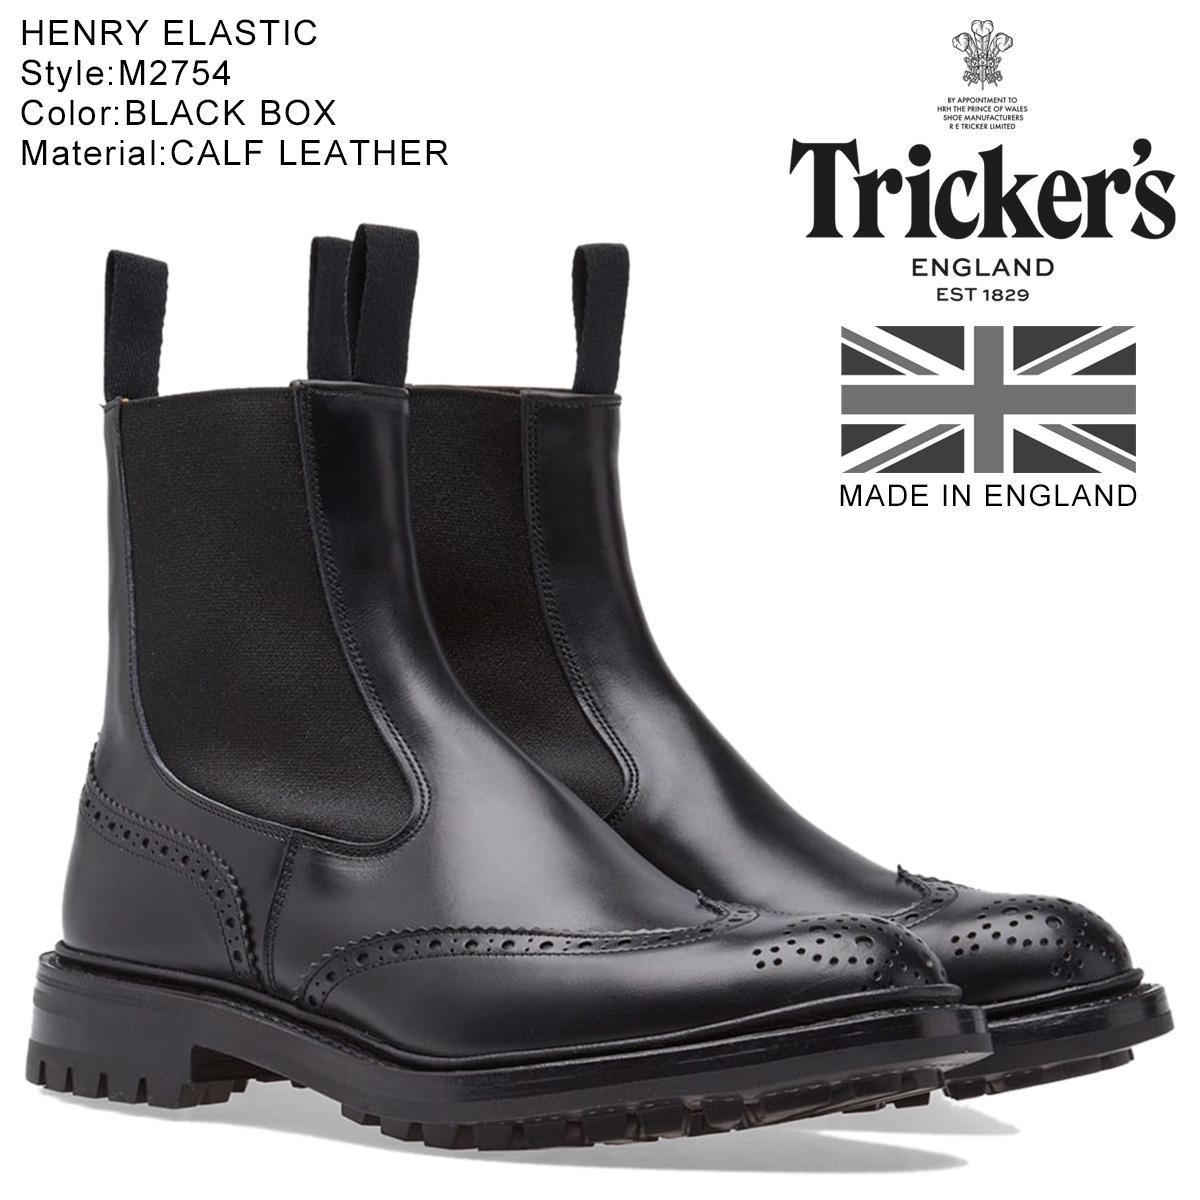 Tricker's トリッカーズ サイドゴアブーツ HENRY ELASTIC BROGUE BOOT 5ワイズ メンズ ブラック M2754